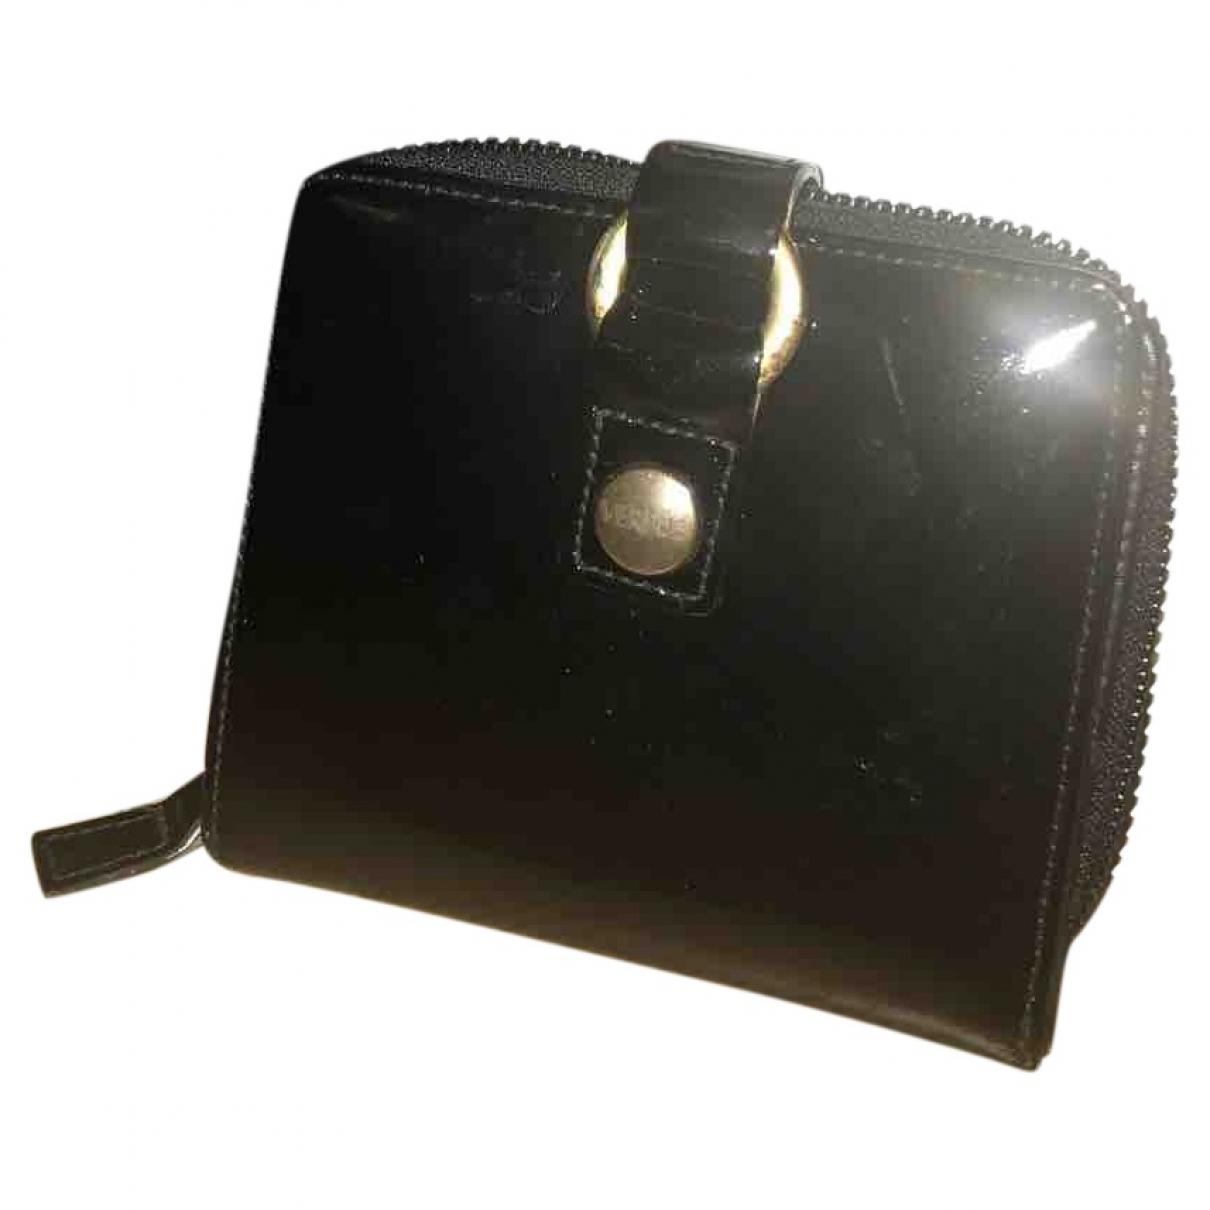 Versus \N Black Patent leather wallet for Women \N